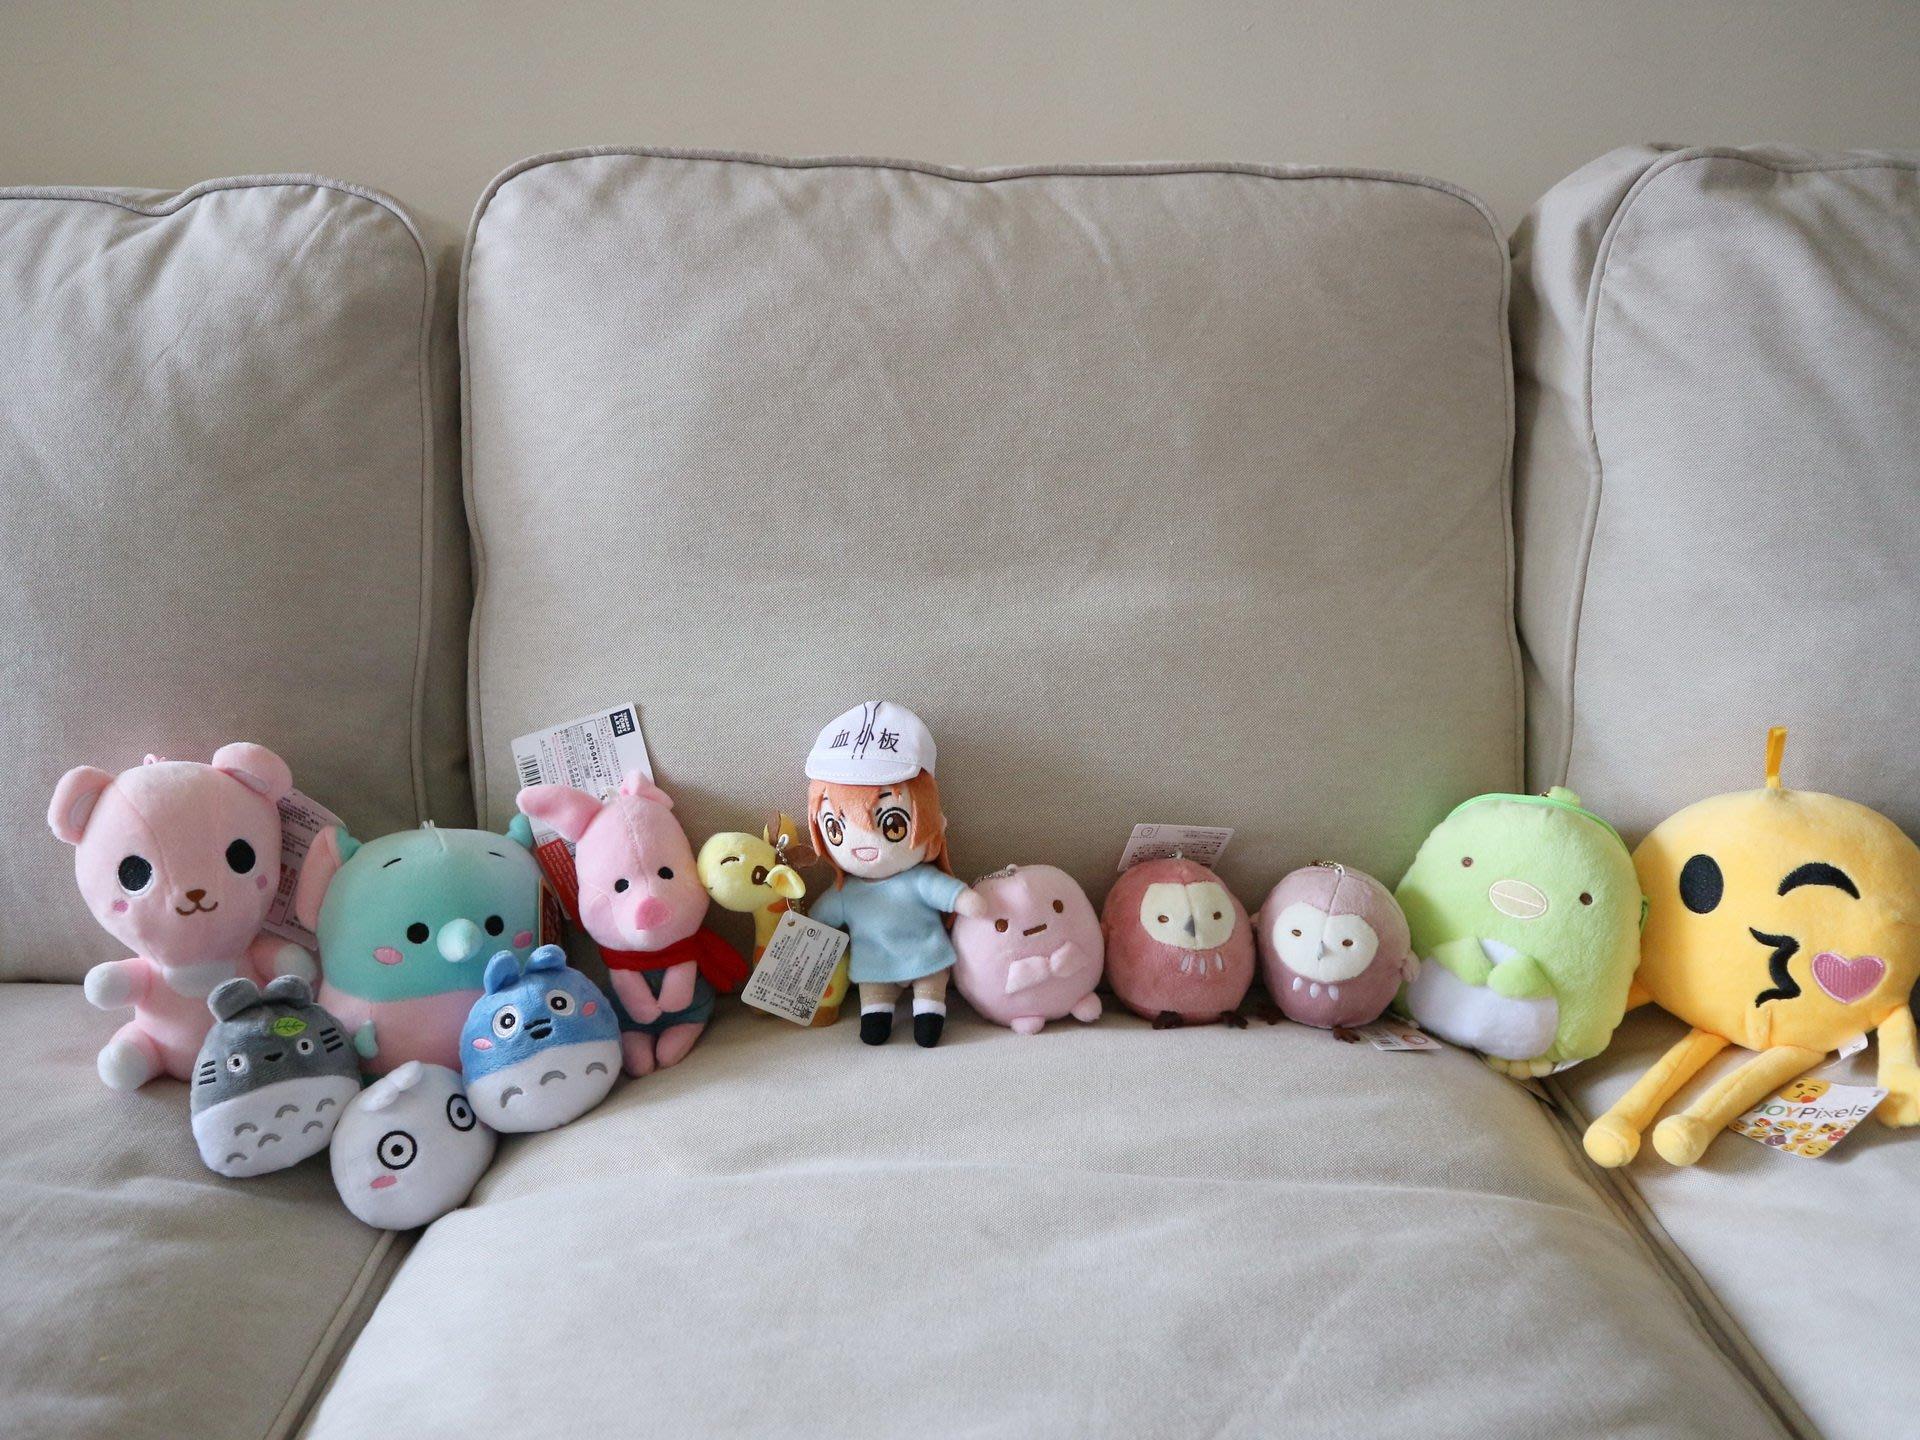 角落生物 MOMO熊 血小板娃娃 維尼熊小豬等娃娃 夾娃娃機商品 全新